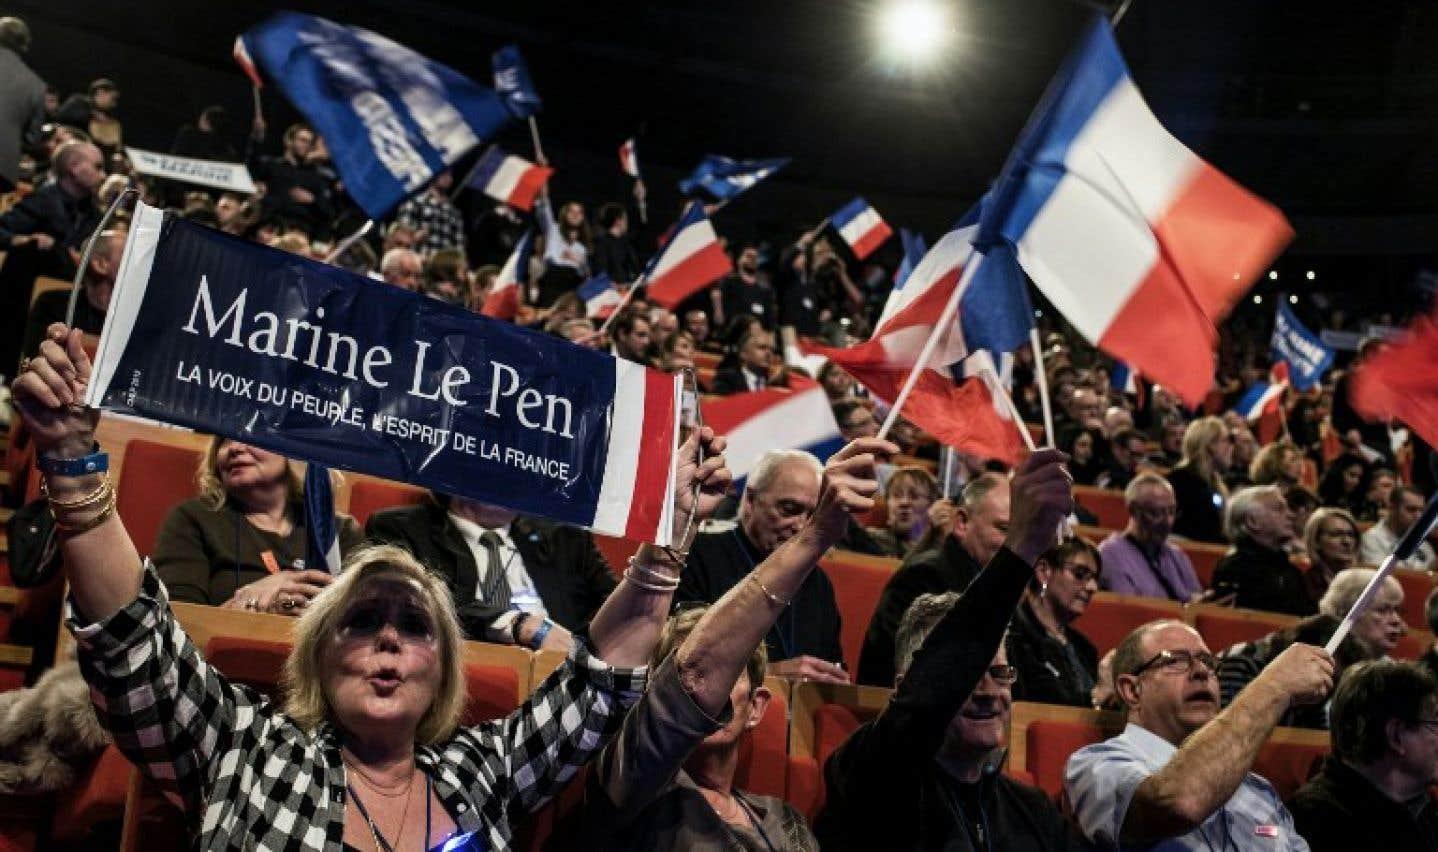 En France, la présidente du Front national Marine le Pen s'est qualifiée pour le second tour de la présidentielle du printemps dernier.